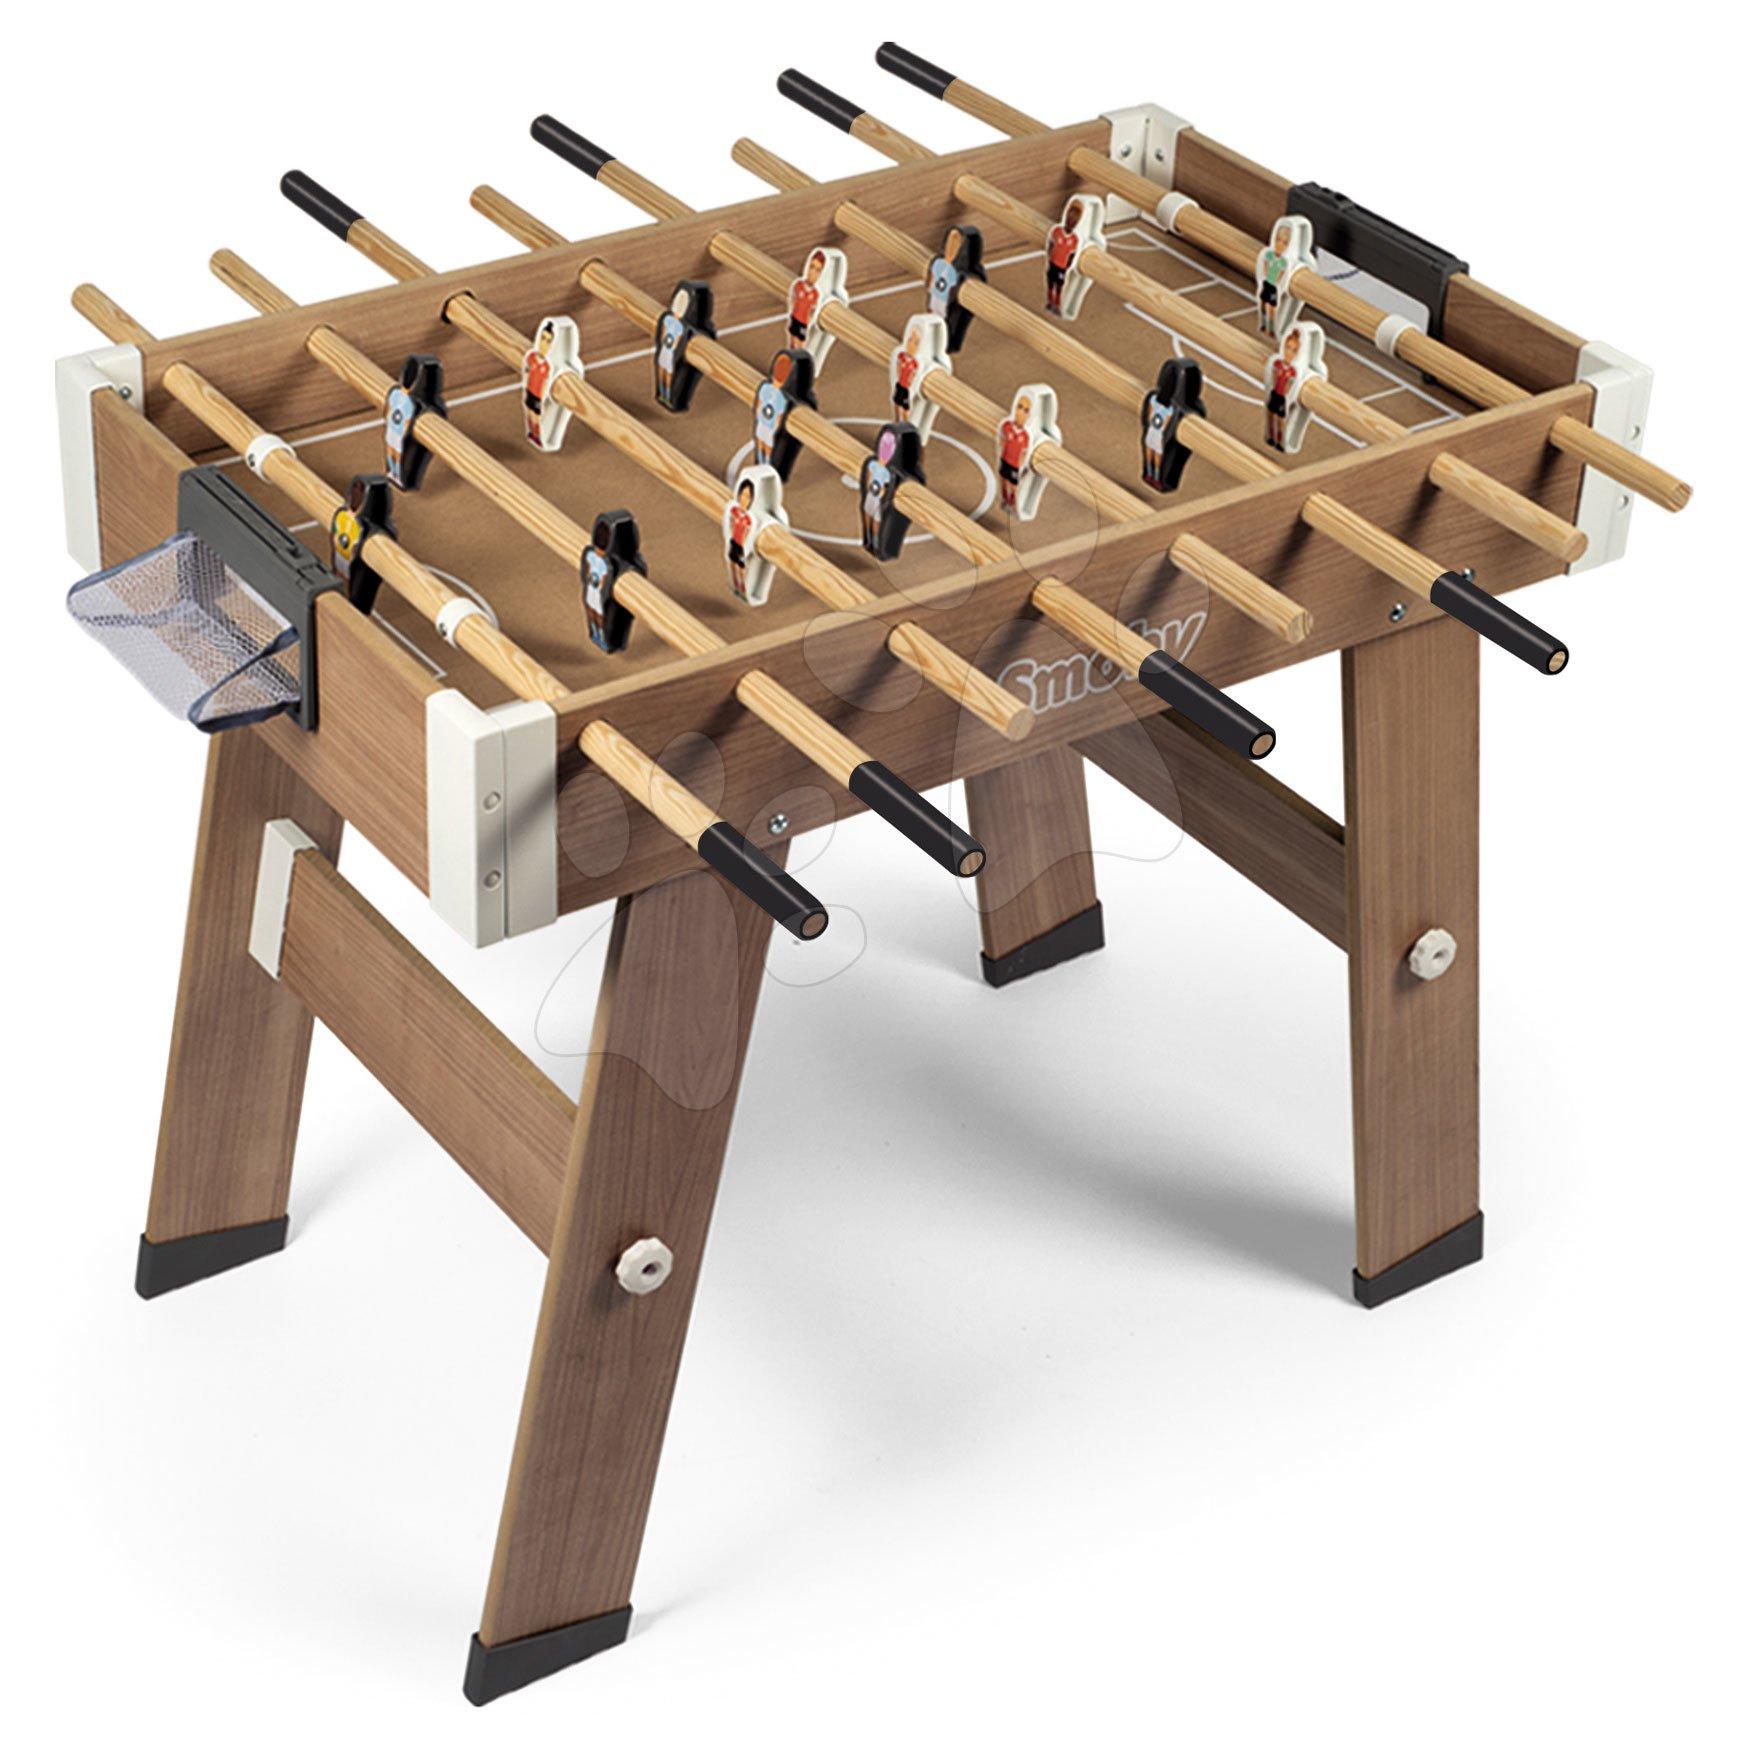 Stolný futbal - Drevený futbalový stôl Click&Goal Soccer Table Smoby skladací a rozkladací za 10 minút s 2 loptičkami od 8 rokov